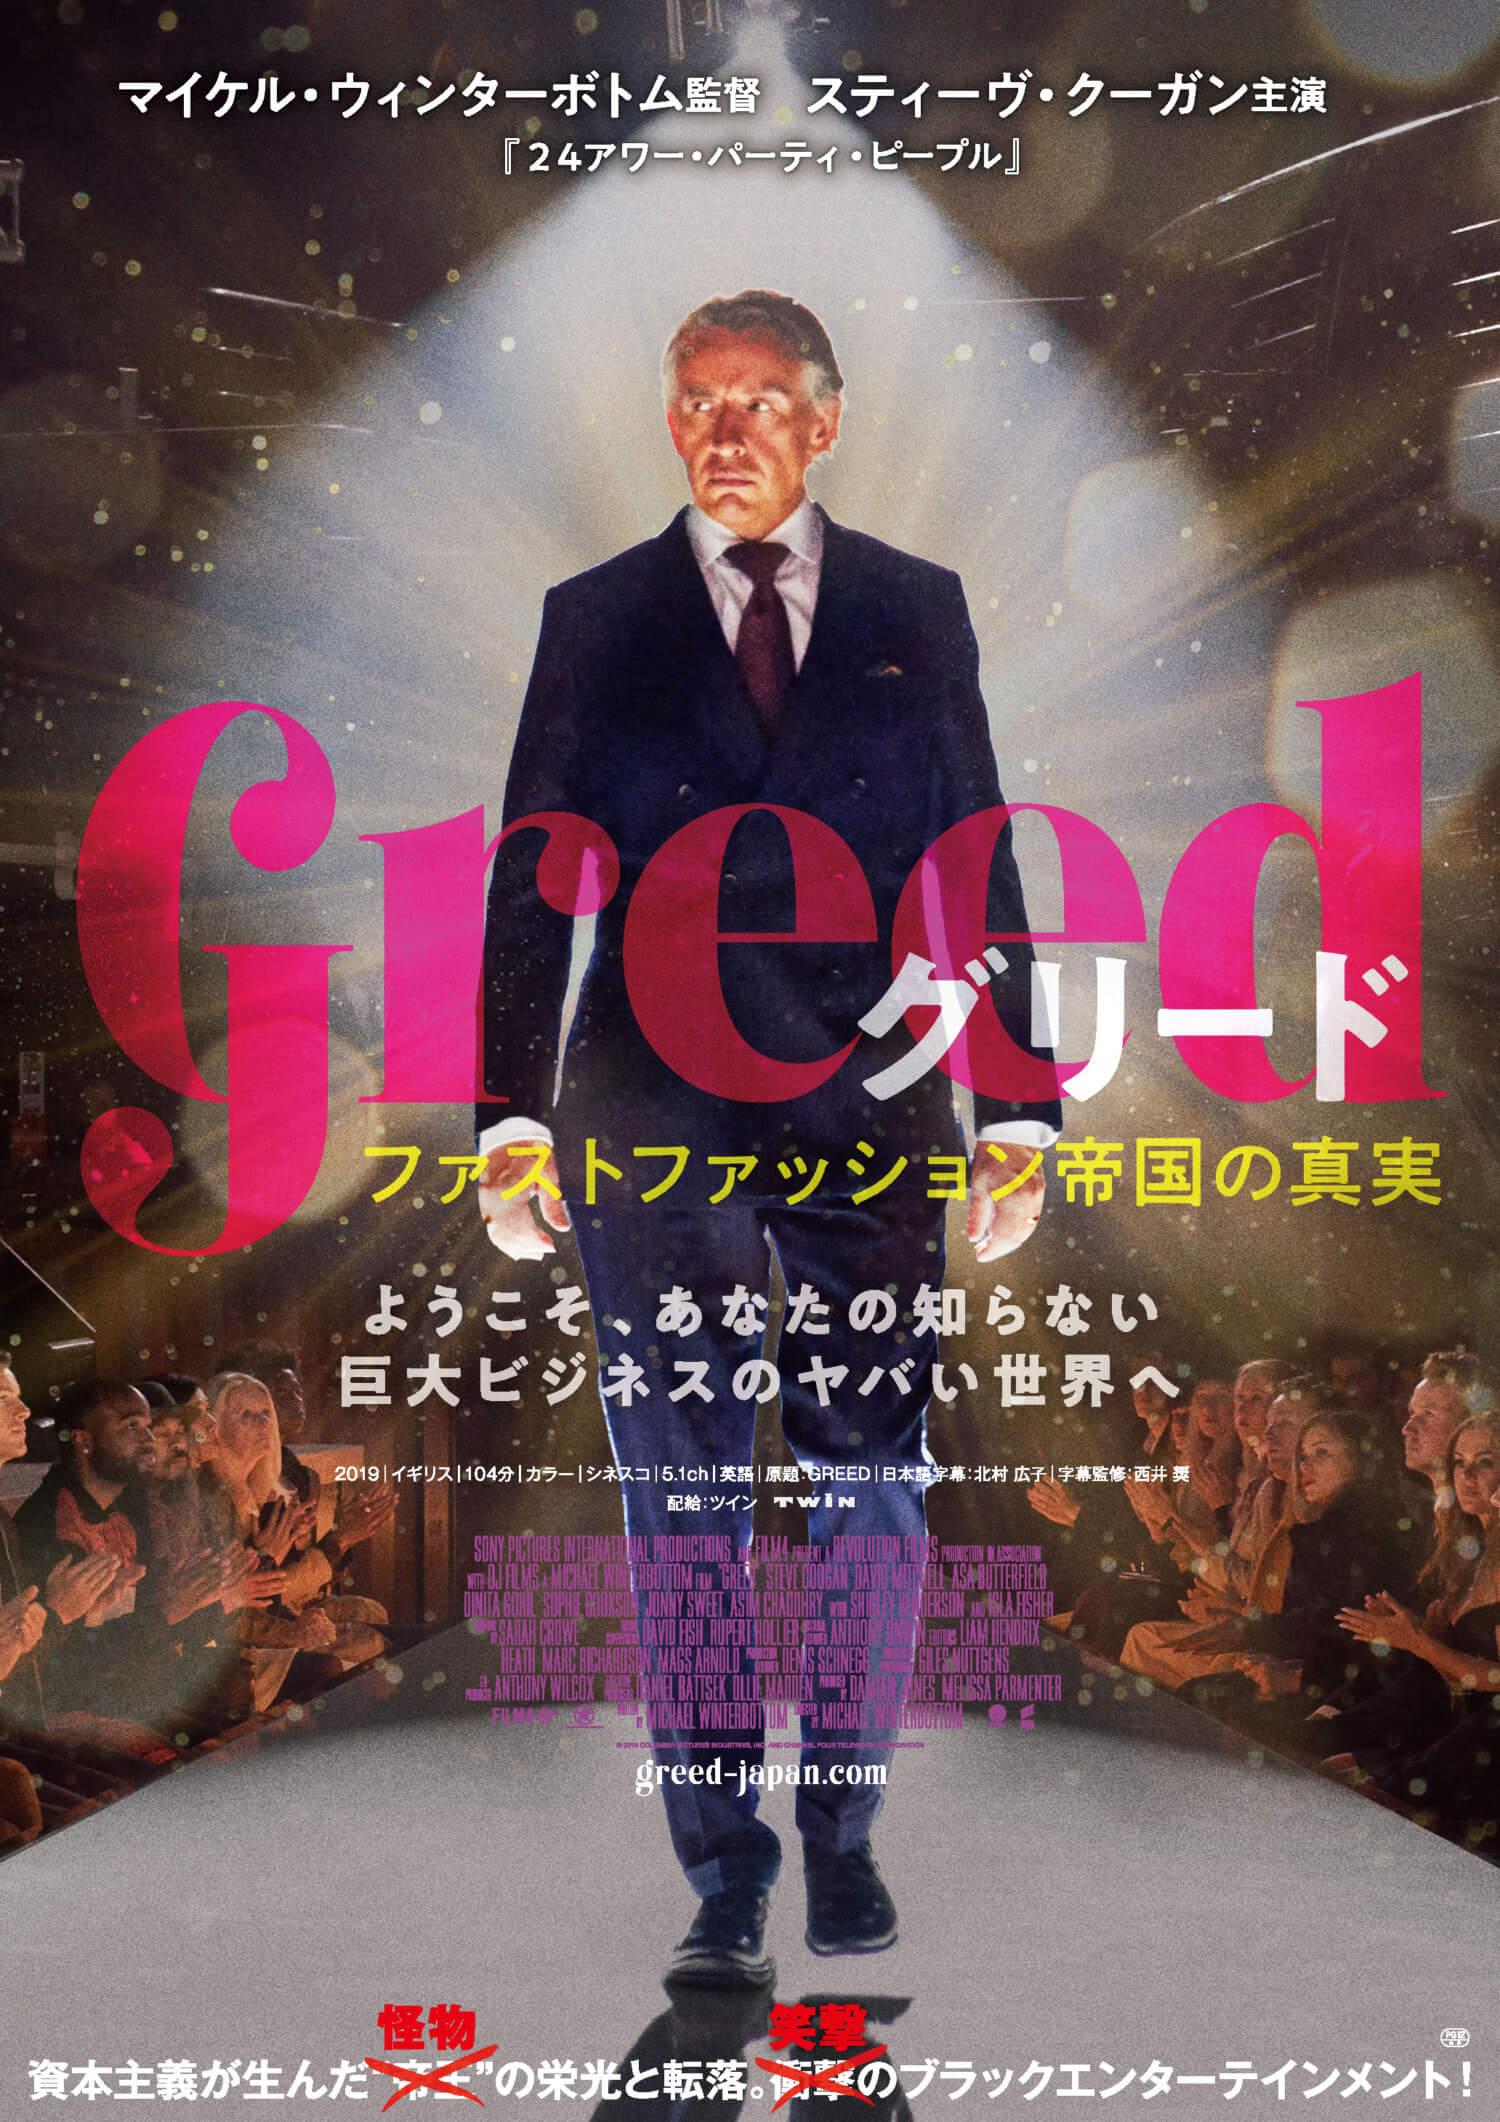 映画『グリード ファストファッション帝国の真実』ポスター